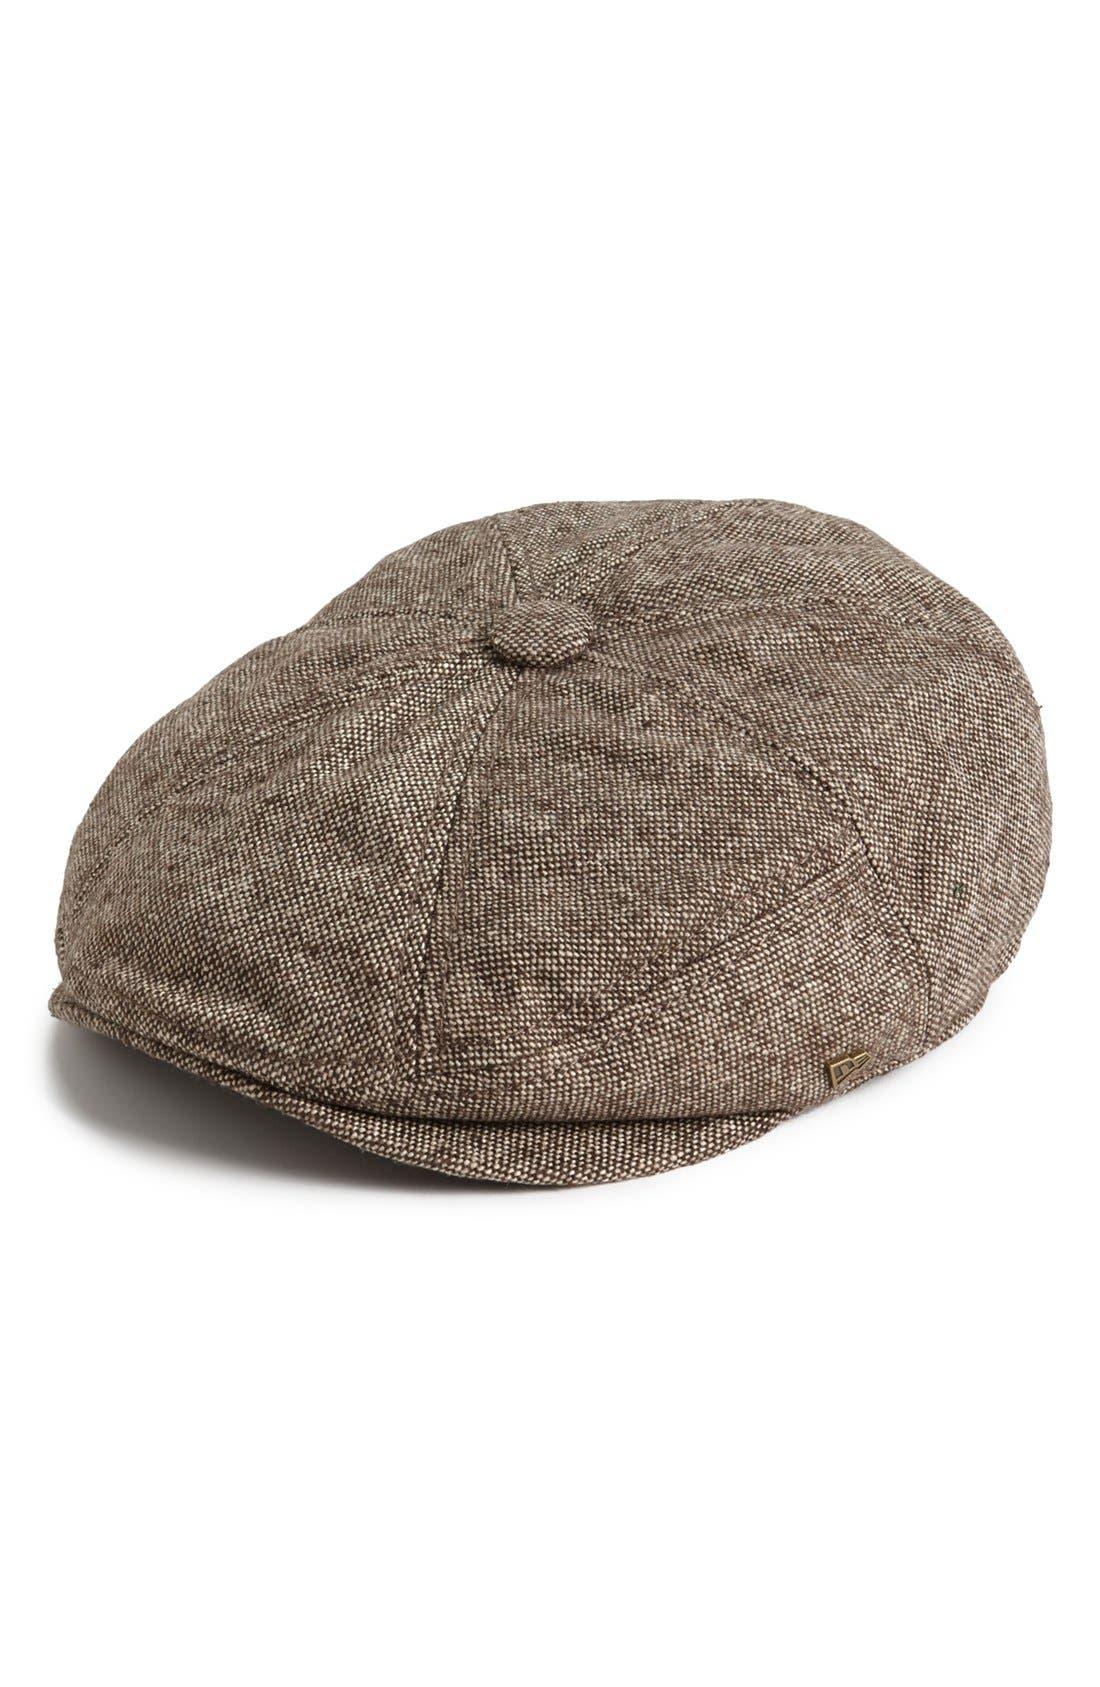 Main Image - New Era Cap 'EK®' Tweed Driving Cap